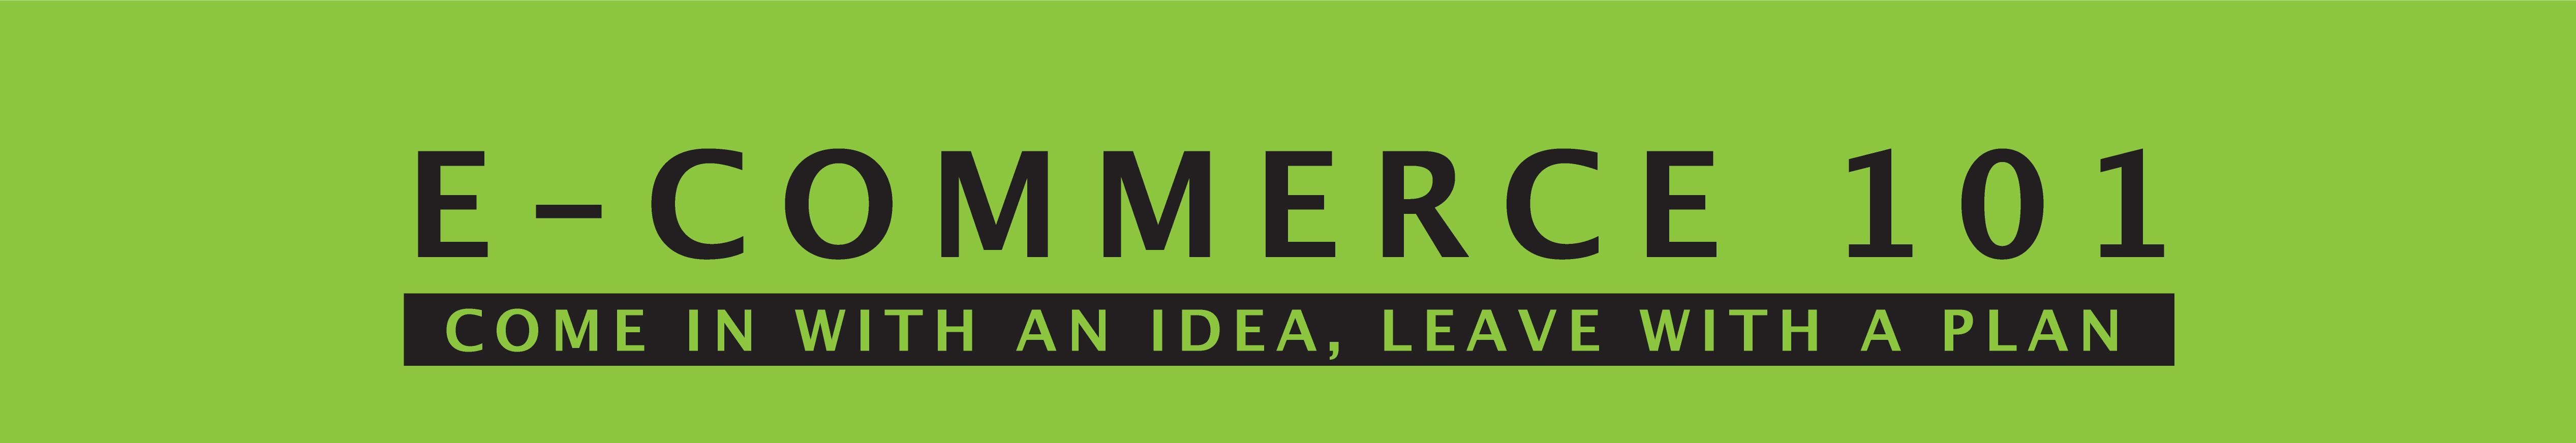 Header-e-commerce101